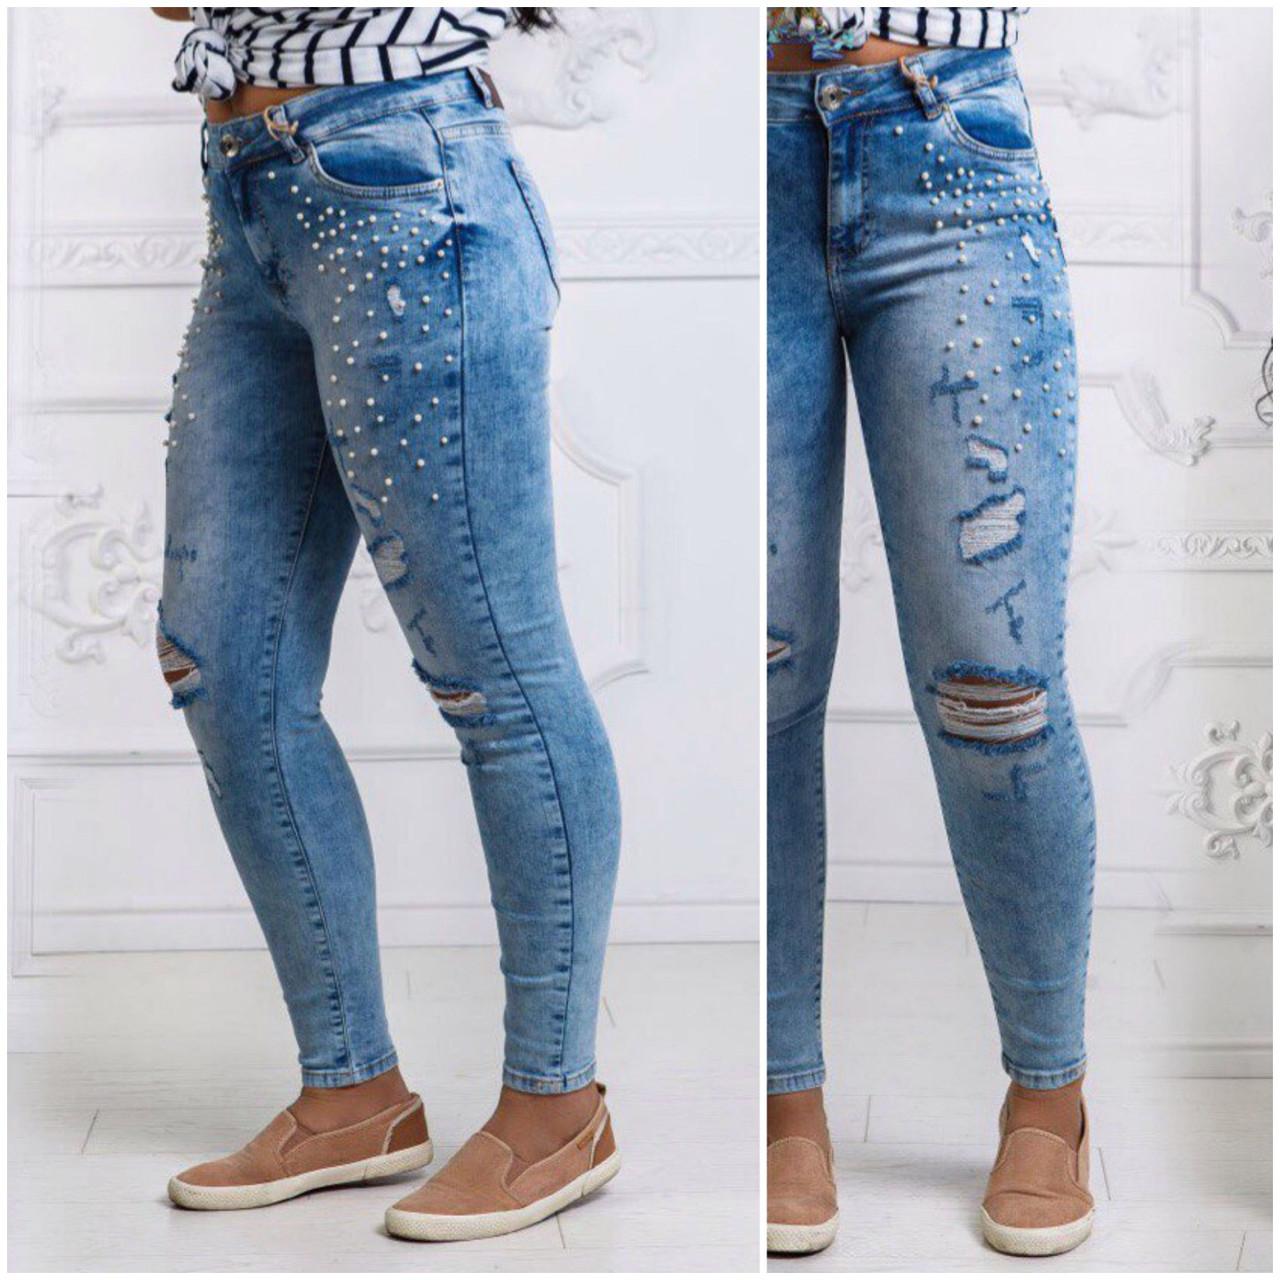 Светлые джинсы украшены жемчугом